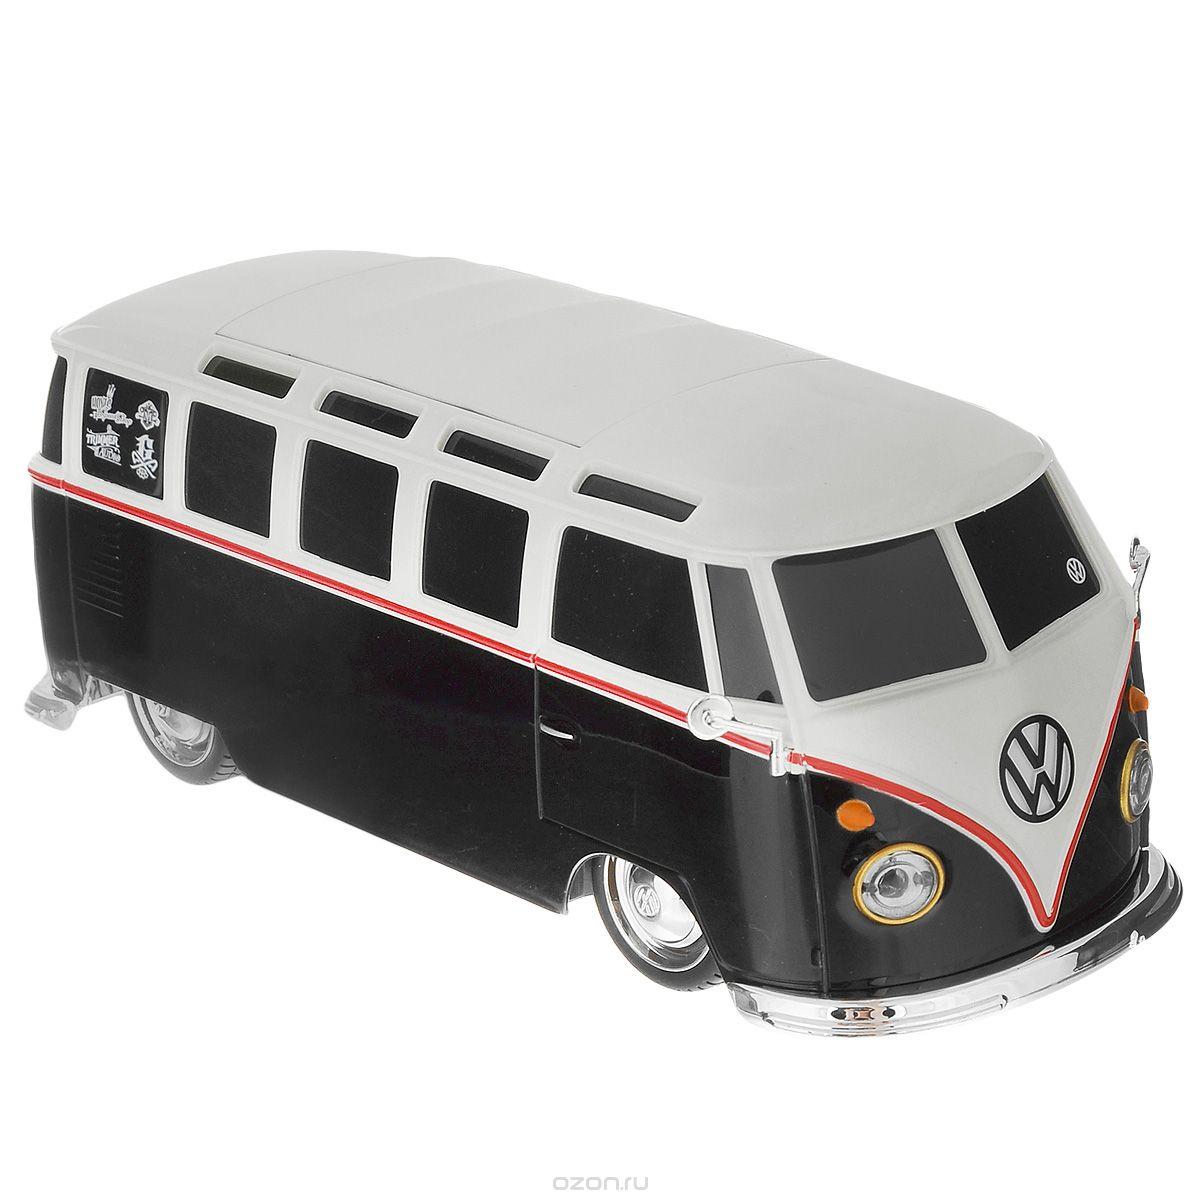 Maisto Радиоуправляемая модель Volkswagen Van Samba цвет черный белый samba surpises